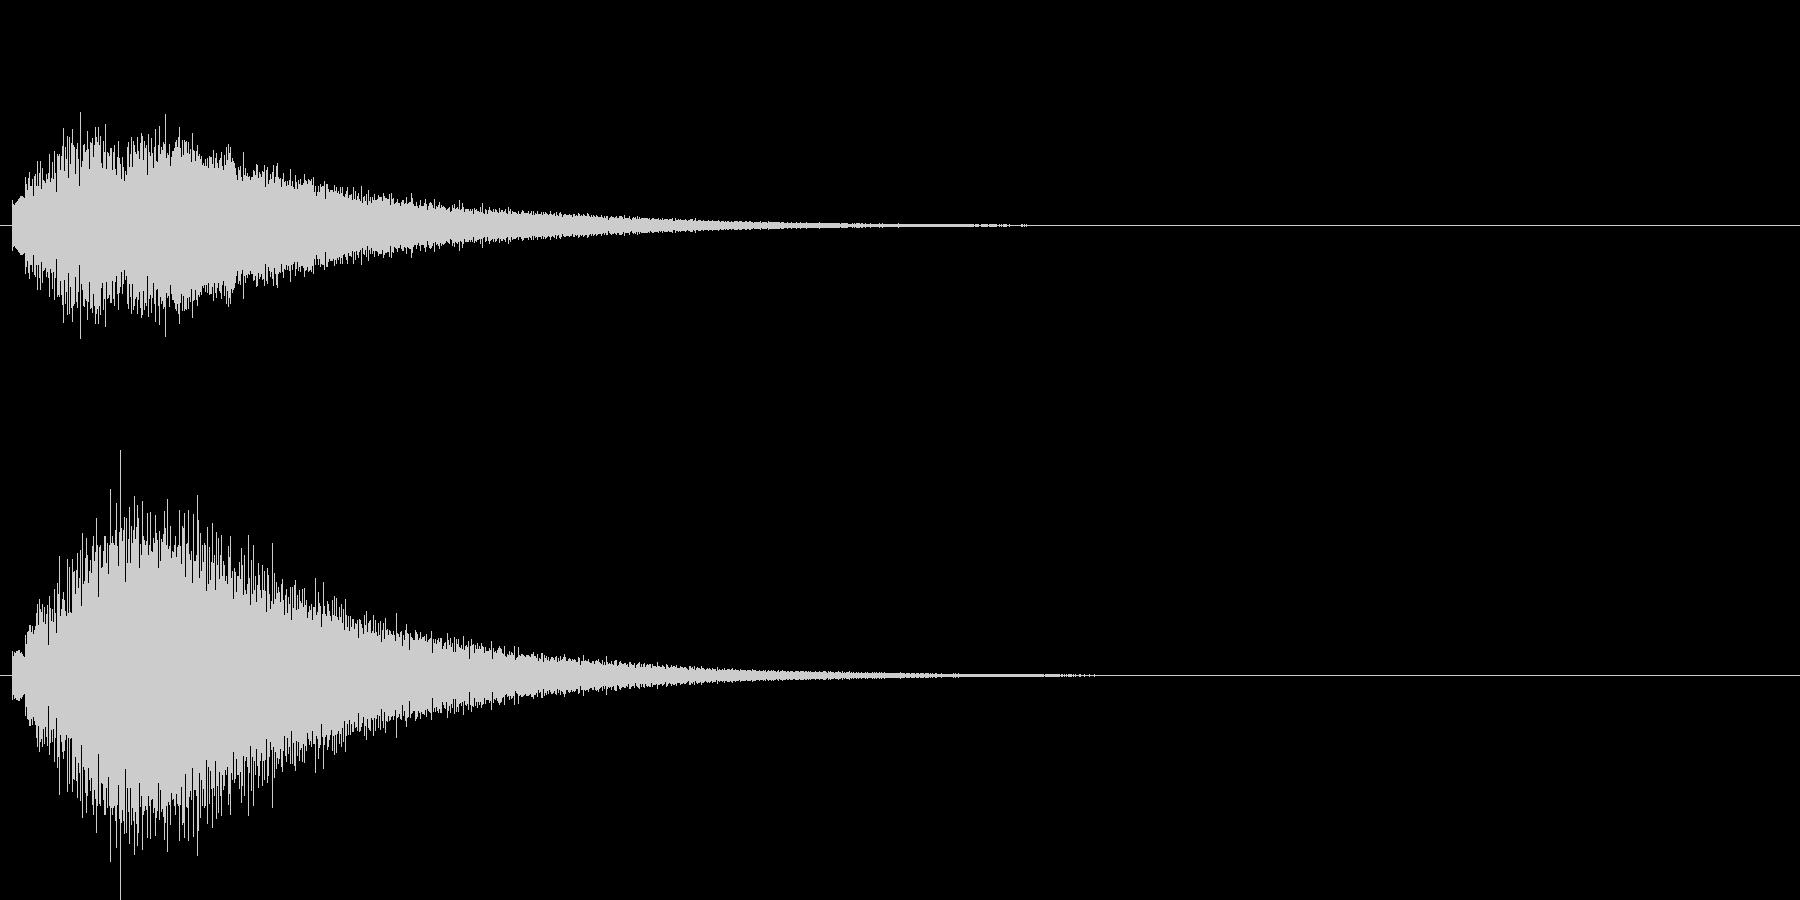 グリッサンド01 グロッケン(上昇)の未再生の波形